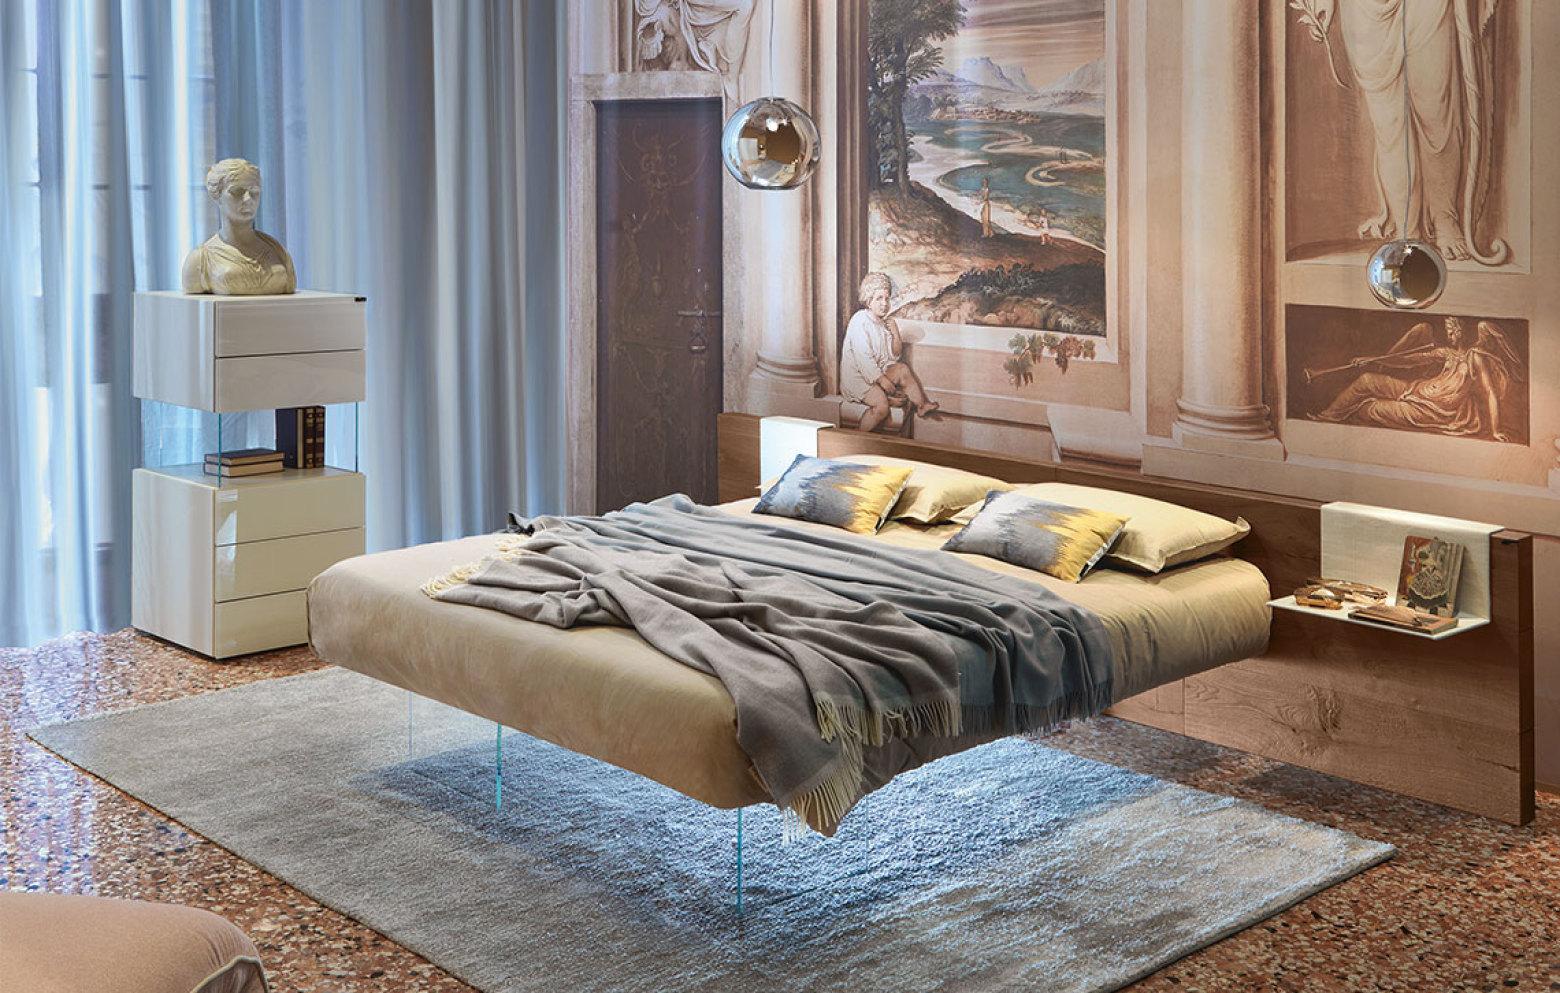 Full Size of Schwebendes Designerbett Air Wildwood Von Lago Italia Bette Floor Meise Betten Bett 140x220 Flexa 160x200 Mit Lattenrost Und Matratze Somnus Kopfteil 140 Ebay Bett Schwebendes Bett